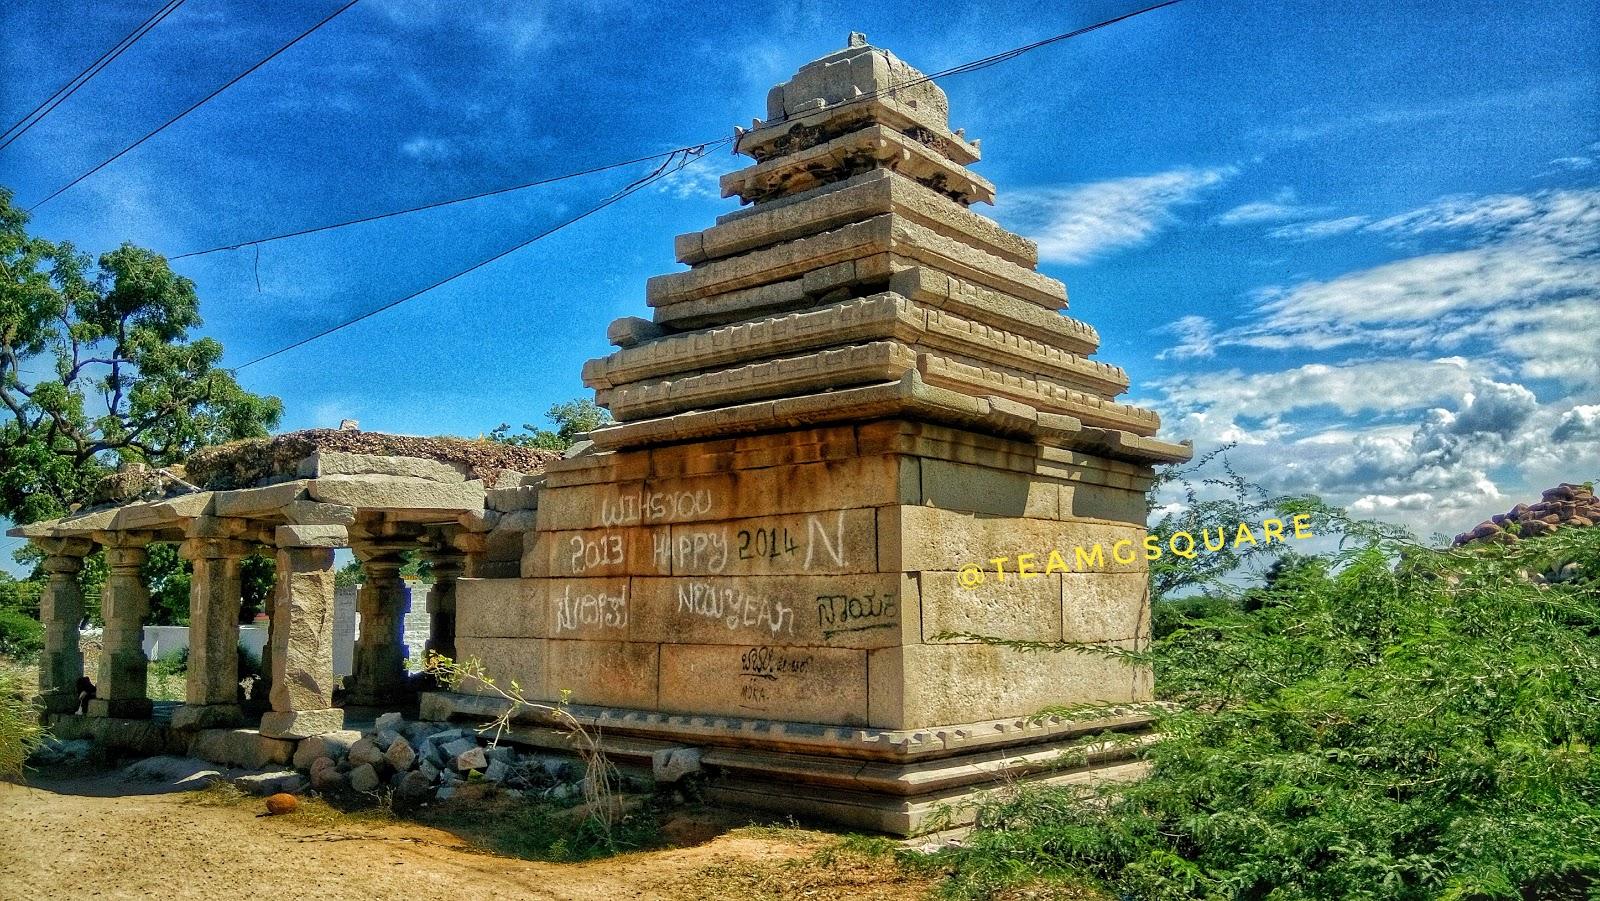 Sri Mallikarjuna swamy temple, Kurugodu